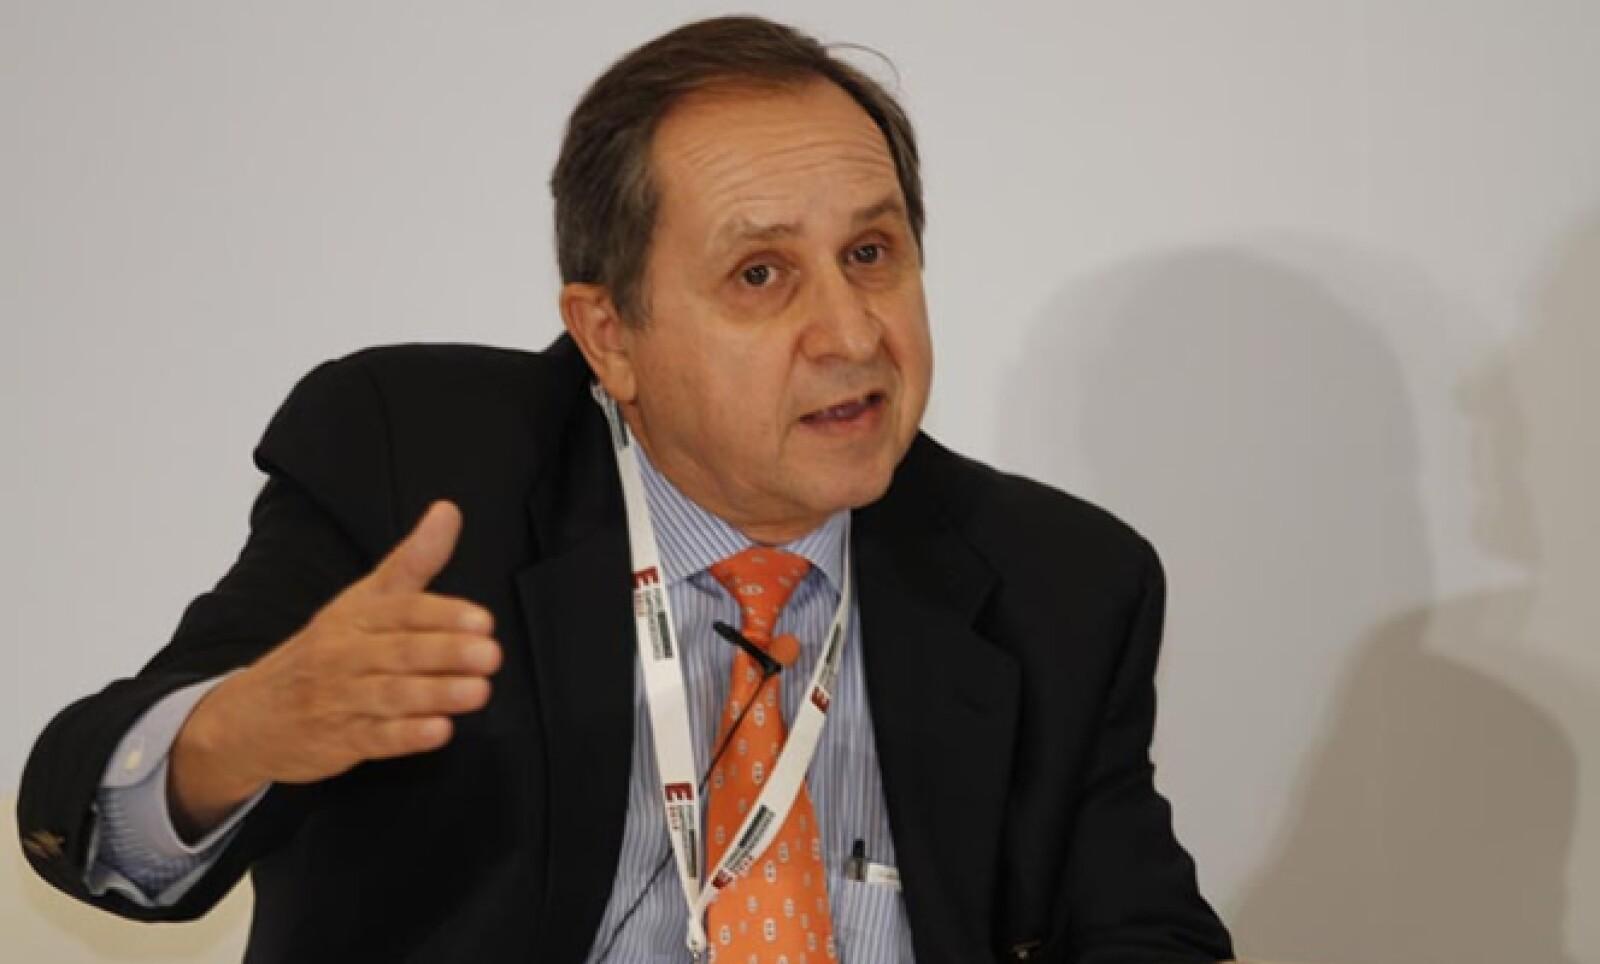 El catedrático del Tecnológico de Monterrey destacó que la mortandad de empresas es en la actualidad de 15 años, cuando antes era de 25 o 30 años.